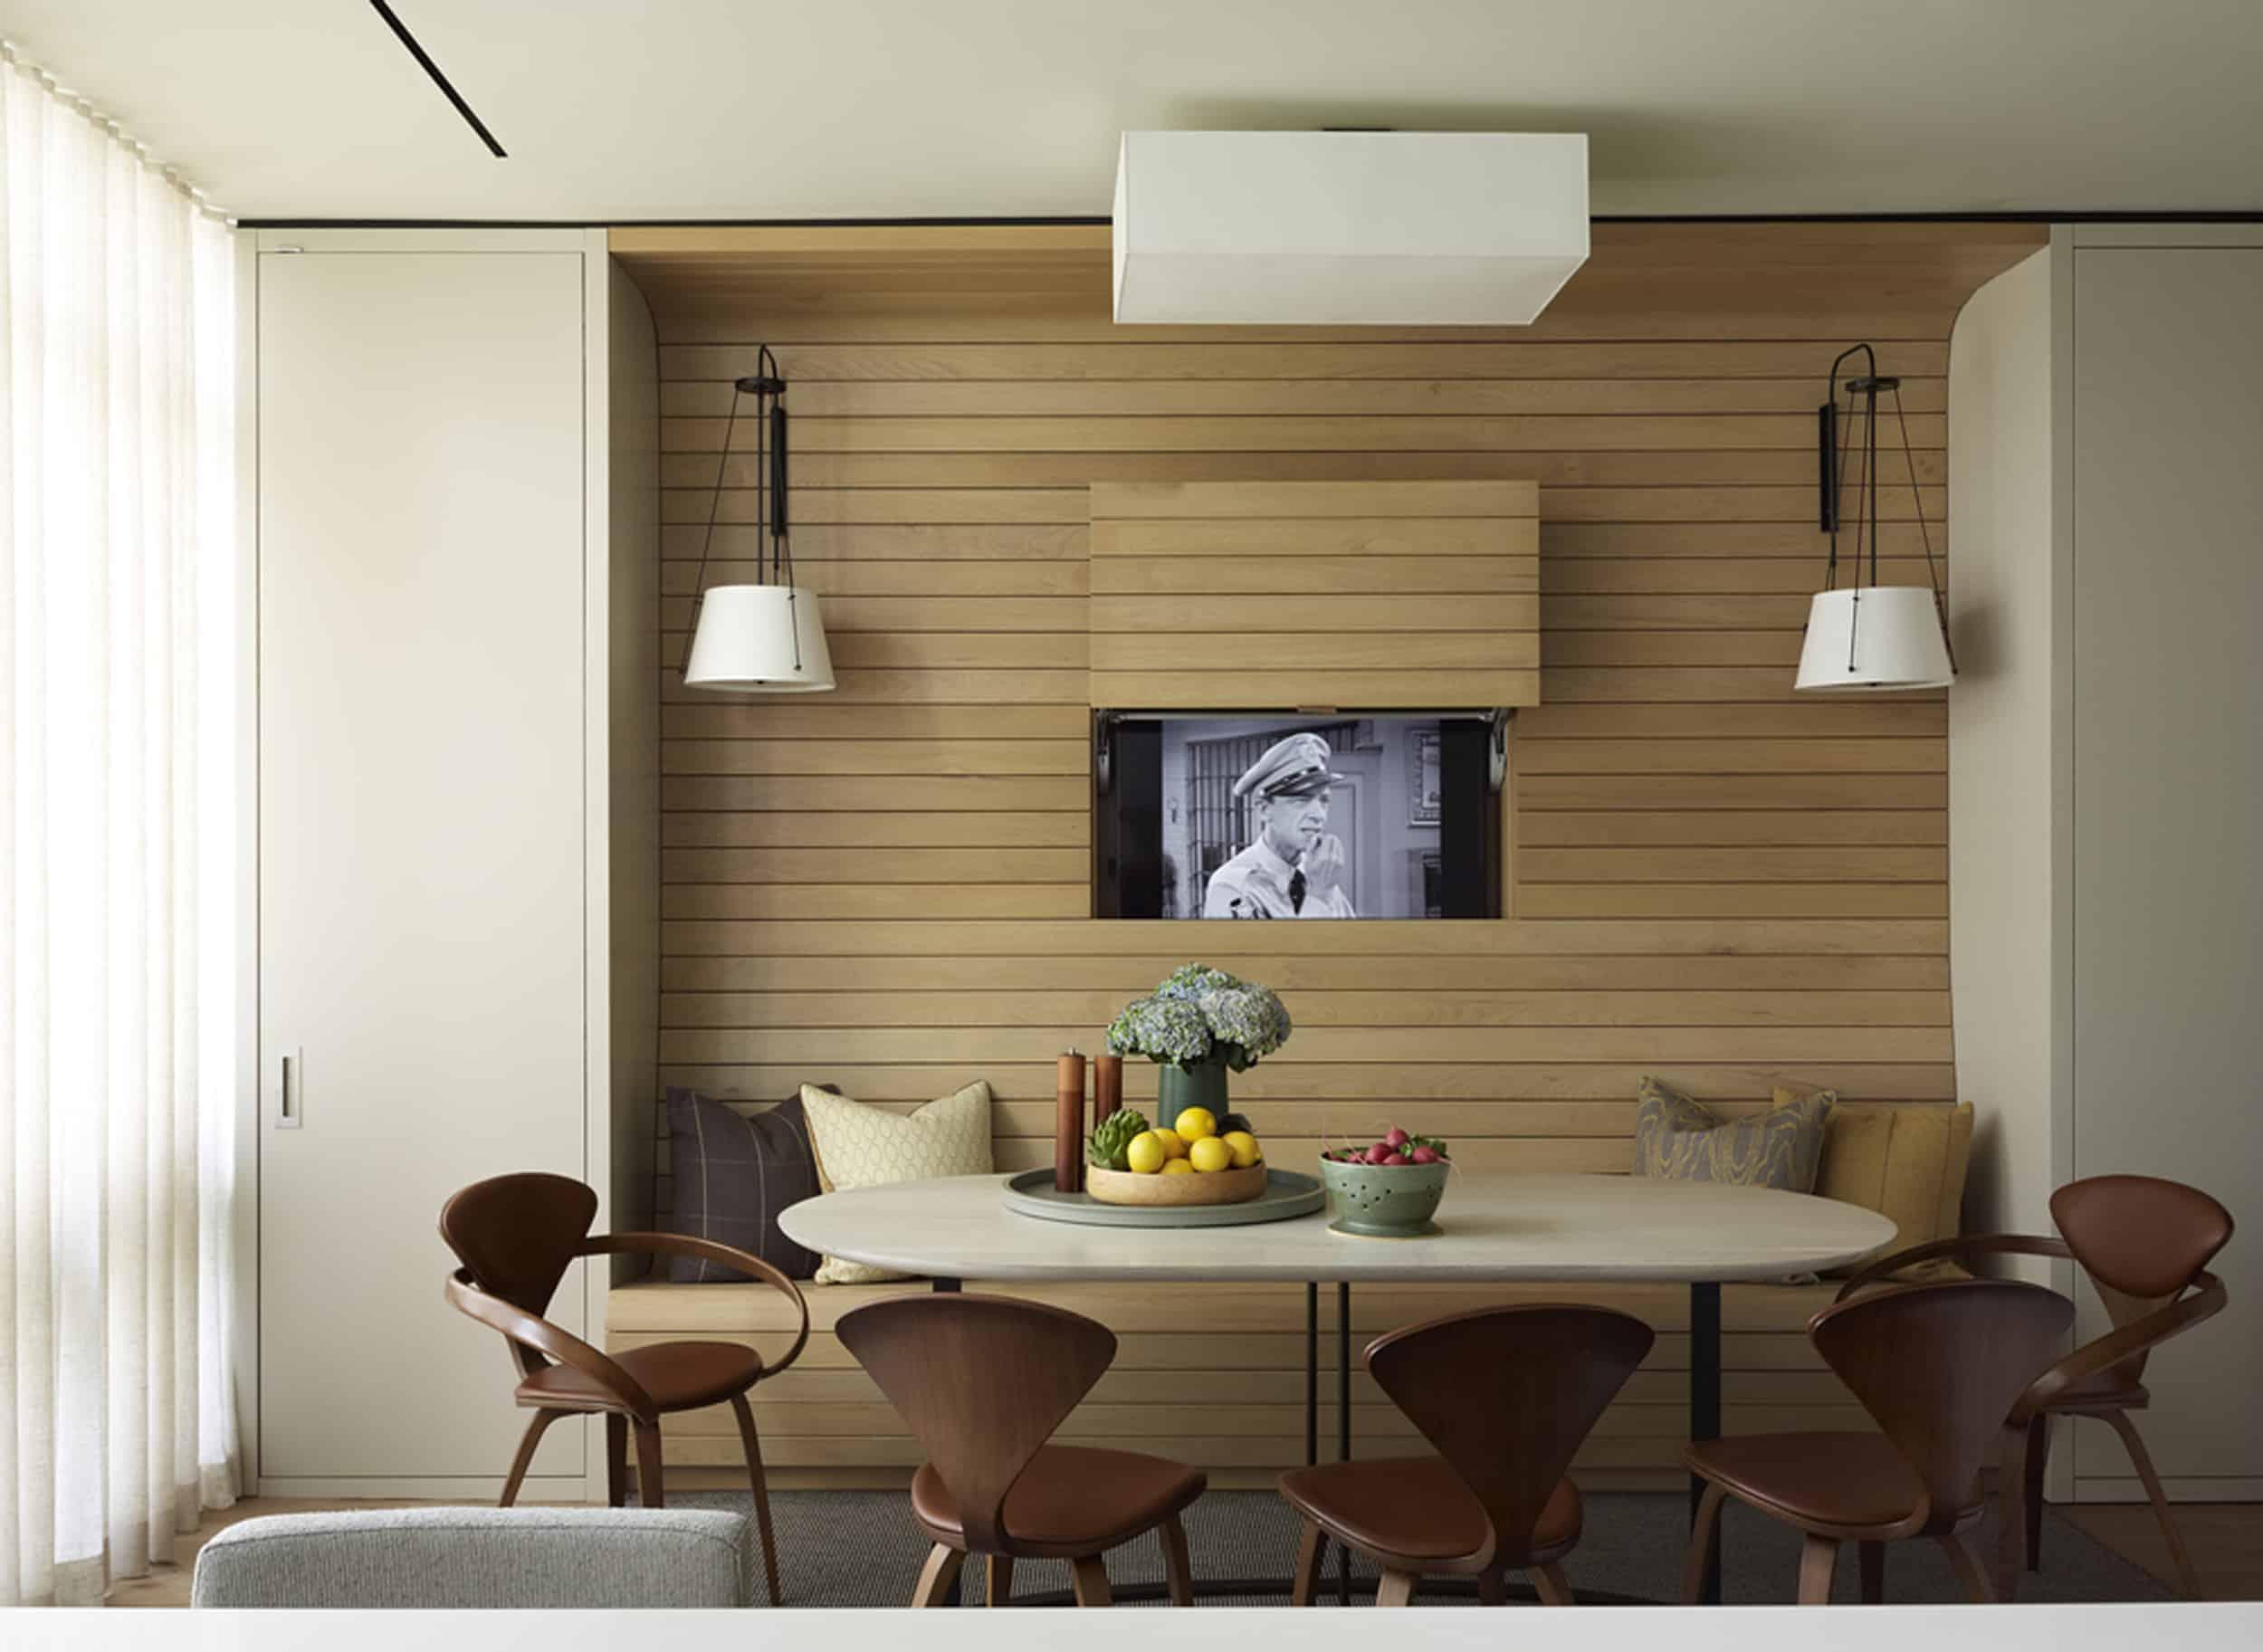 Tribeca Loft. Design: Dumais I.d.